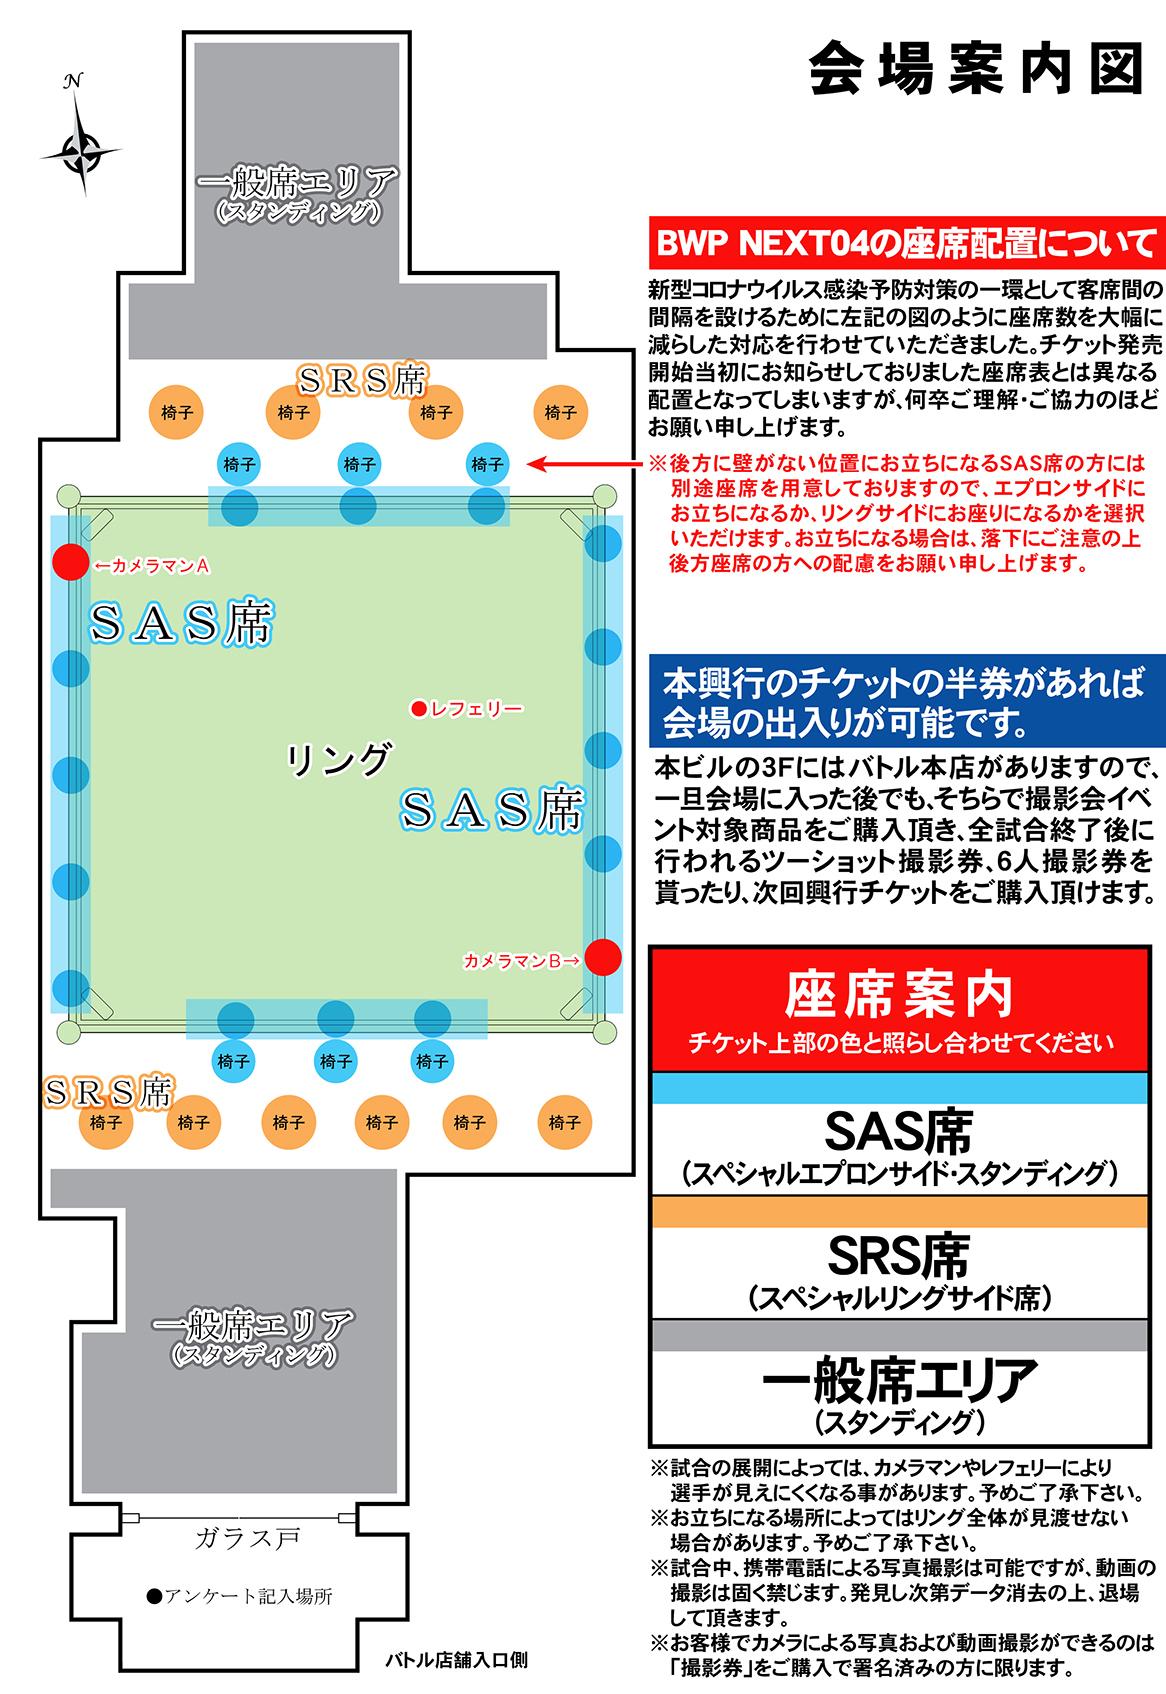 web【改定】BWPNEXT04座席配置図